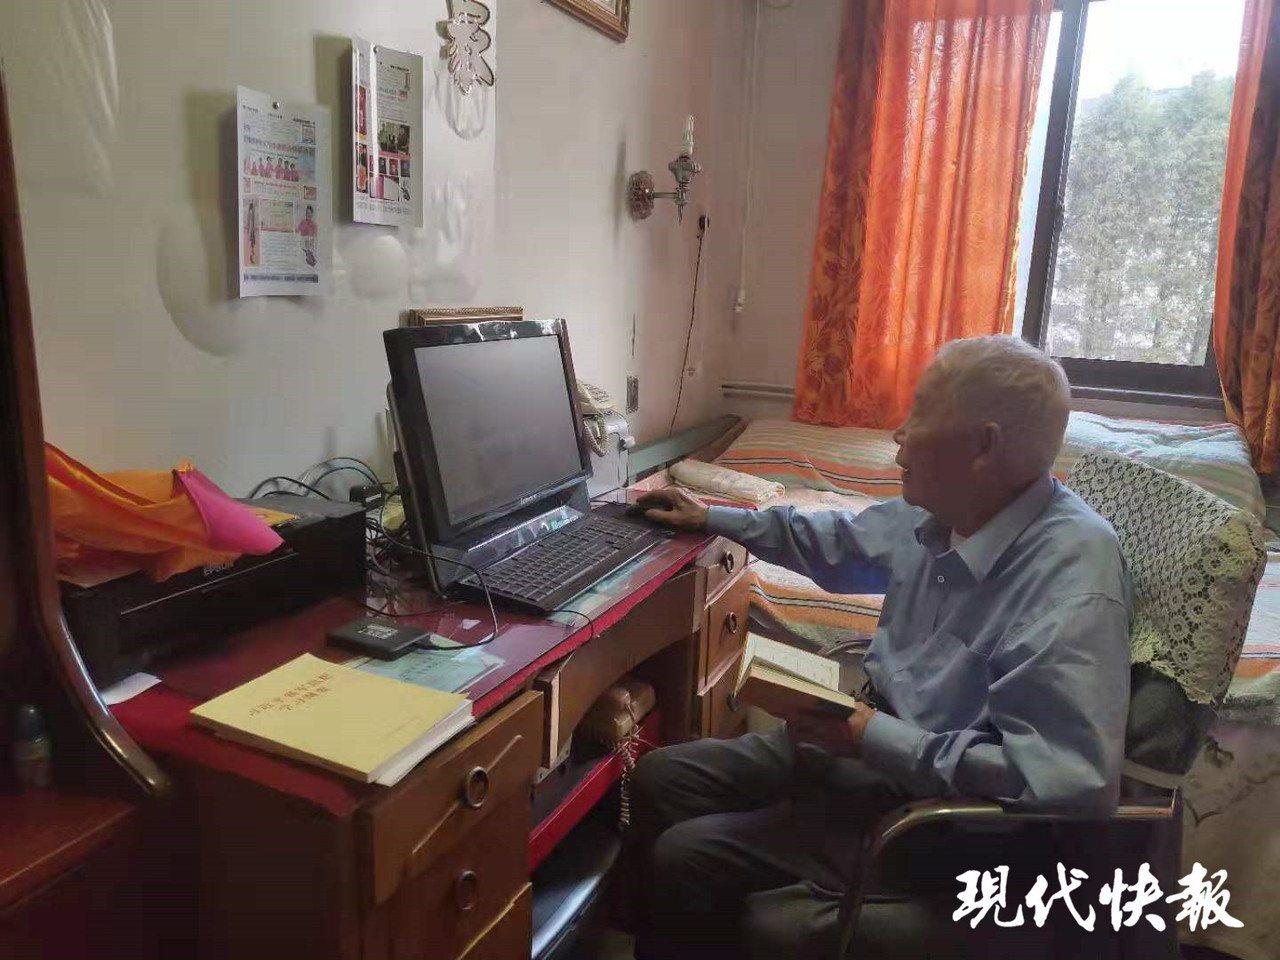 大錄一名老人辦立「家報」,見證了這個家庭幾十年來的變化。圖翻攝自現代快報